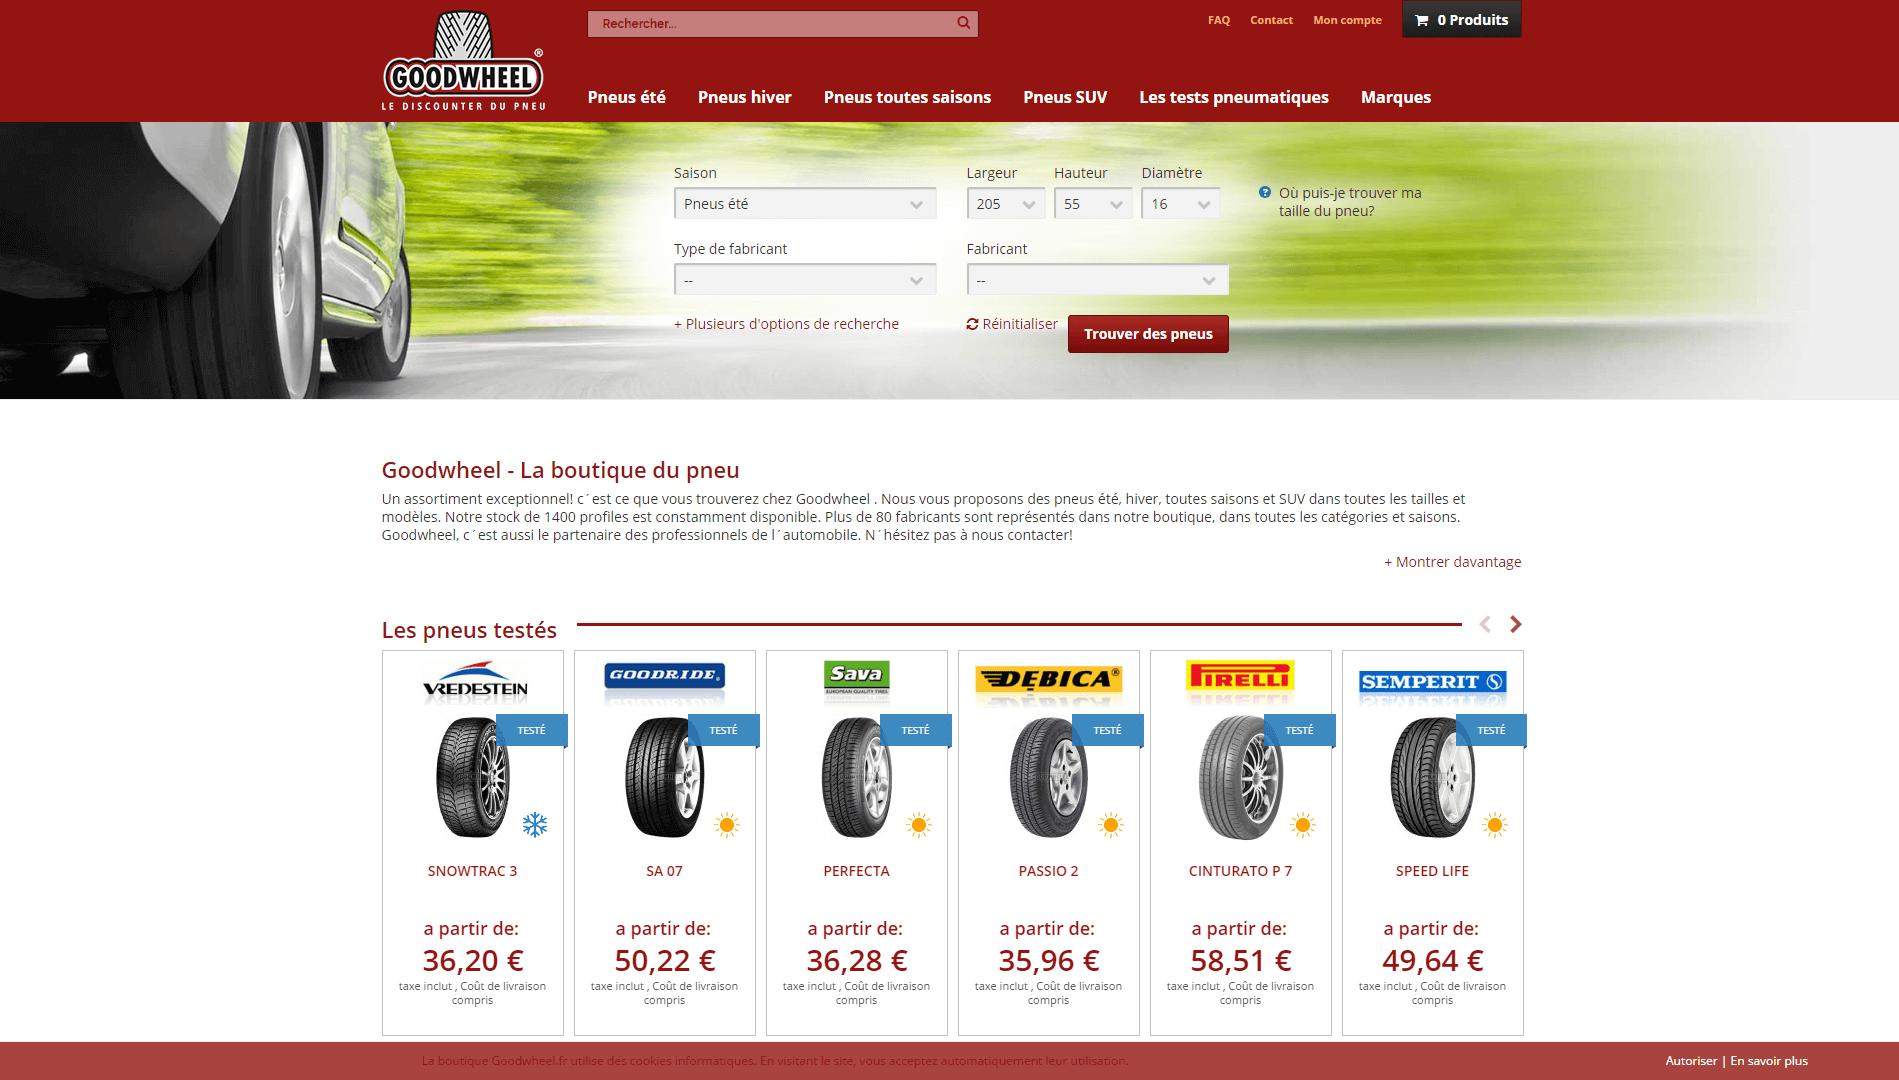 Page d'accueil du site Goodwheel.